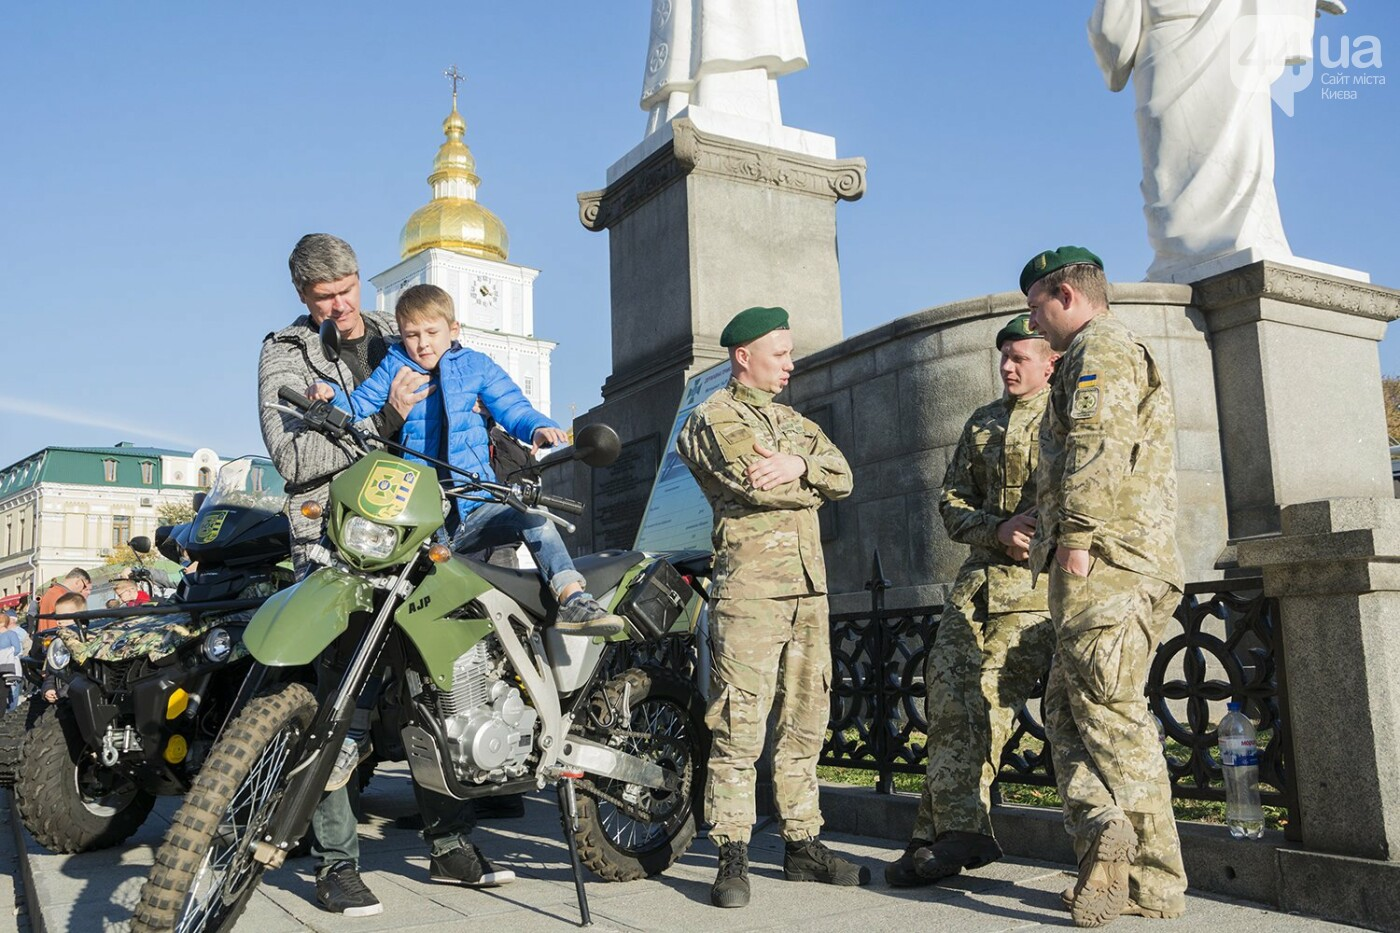 В Киеве открылась масштабная выставка военной техники – ФОТОРЕПОРТАЖ, фото-33